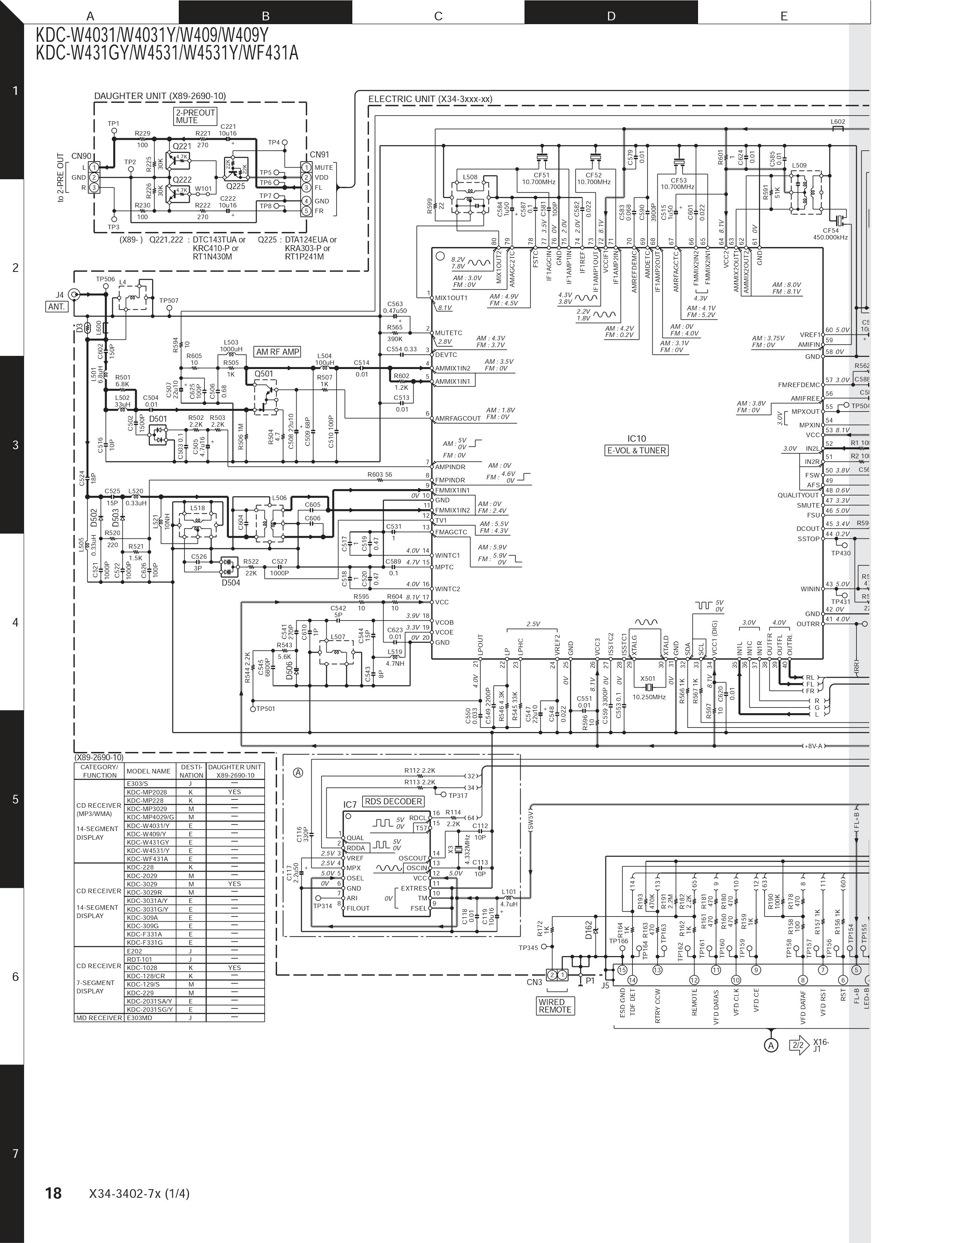 kenwood kdc w4034 схема